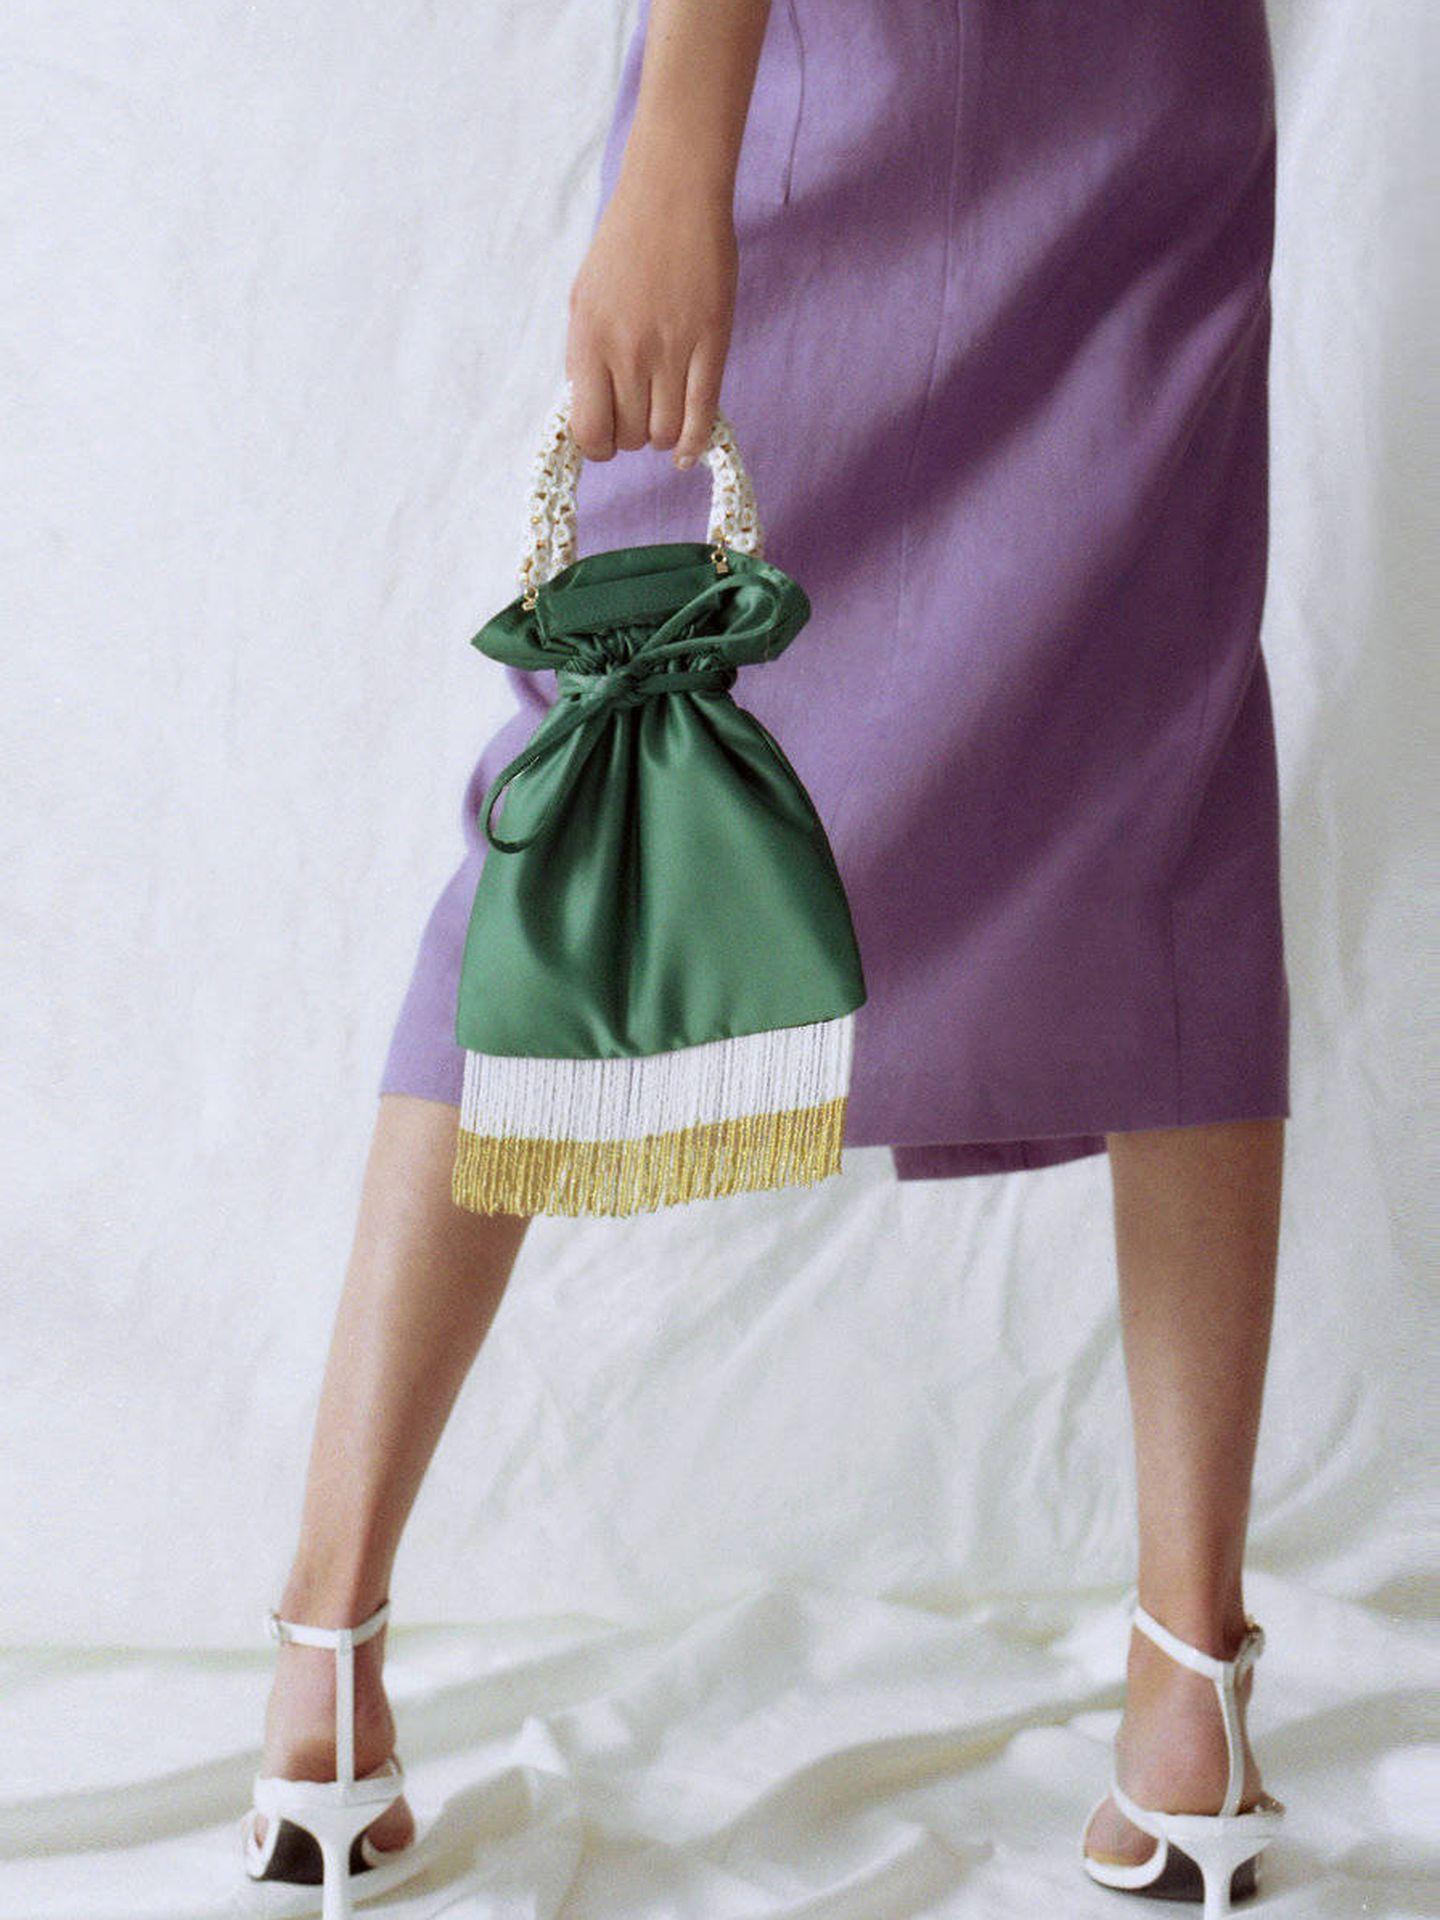 El nuevo bolso de fiesta de Uterqüe. (Cortesía)